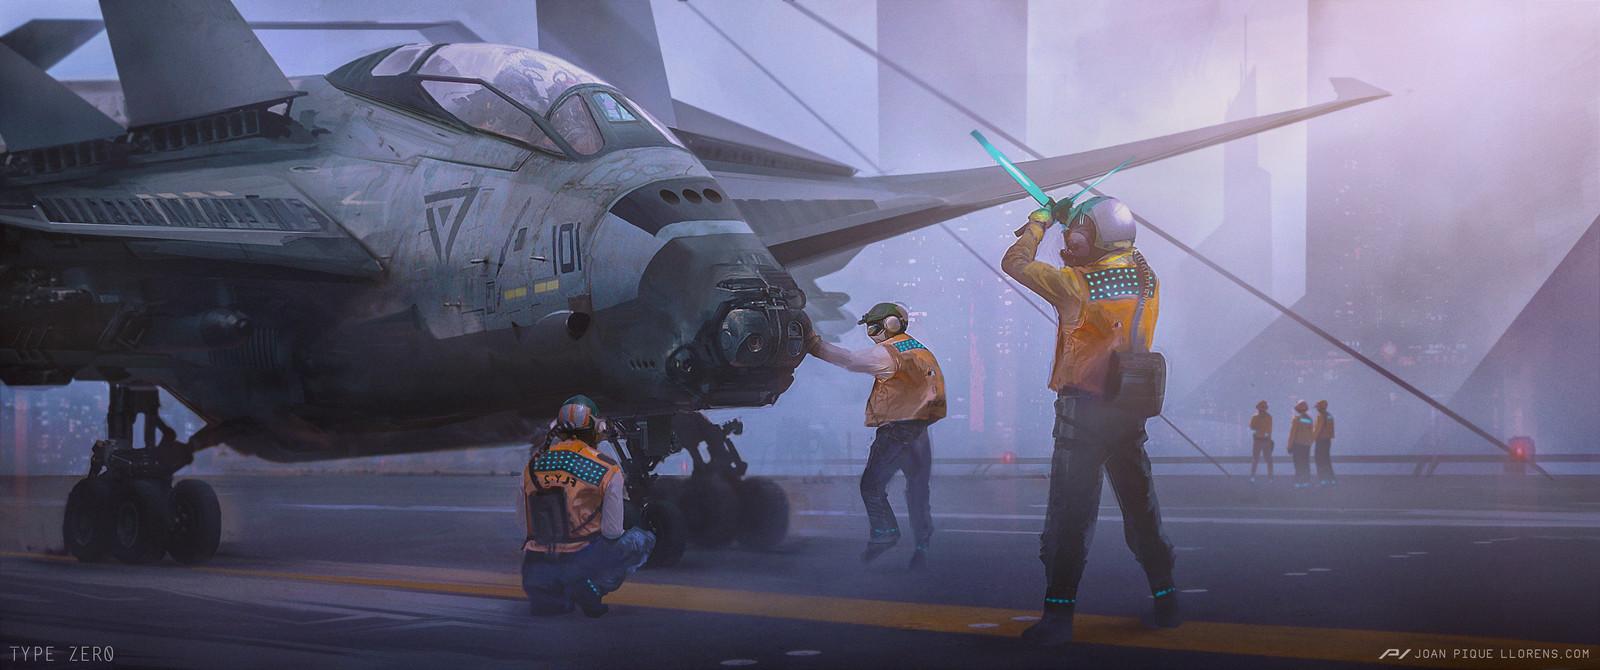 Type Zero - Takeoff